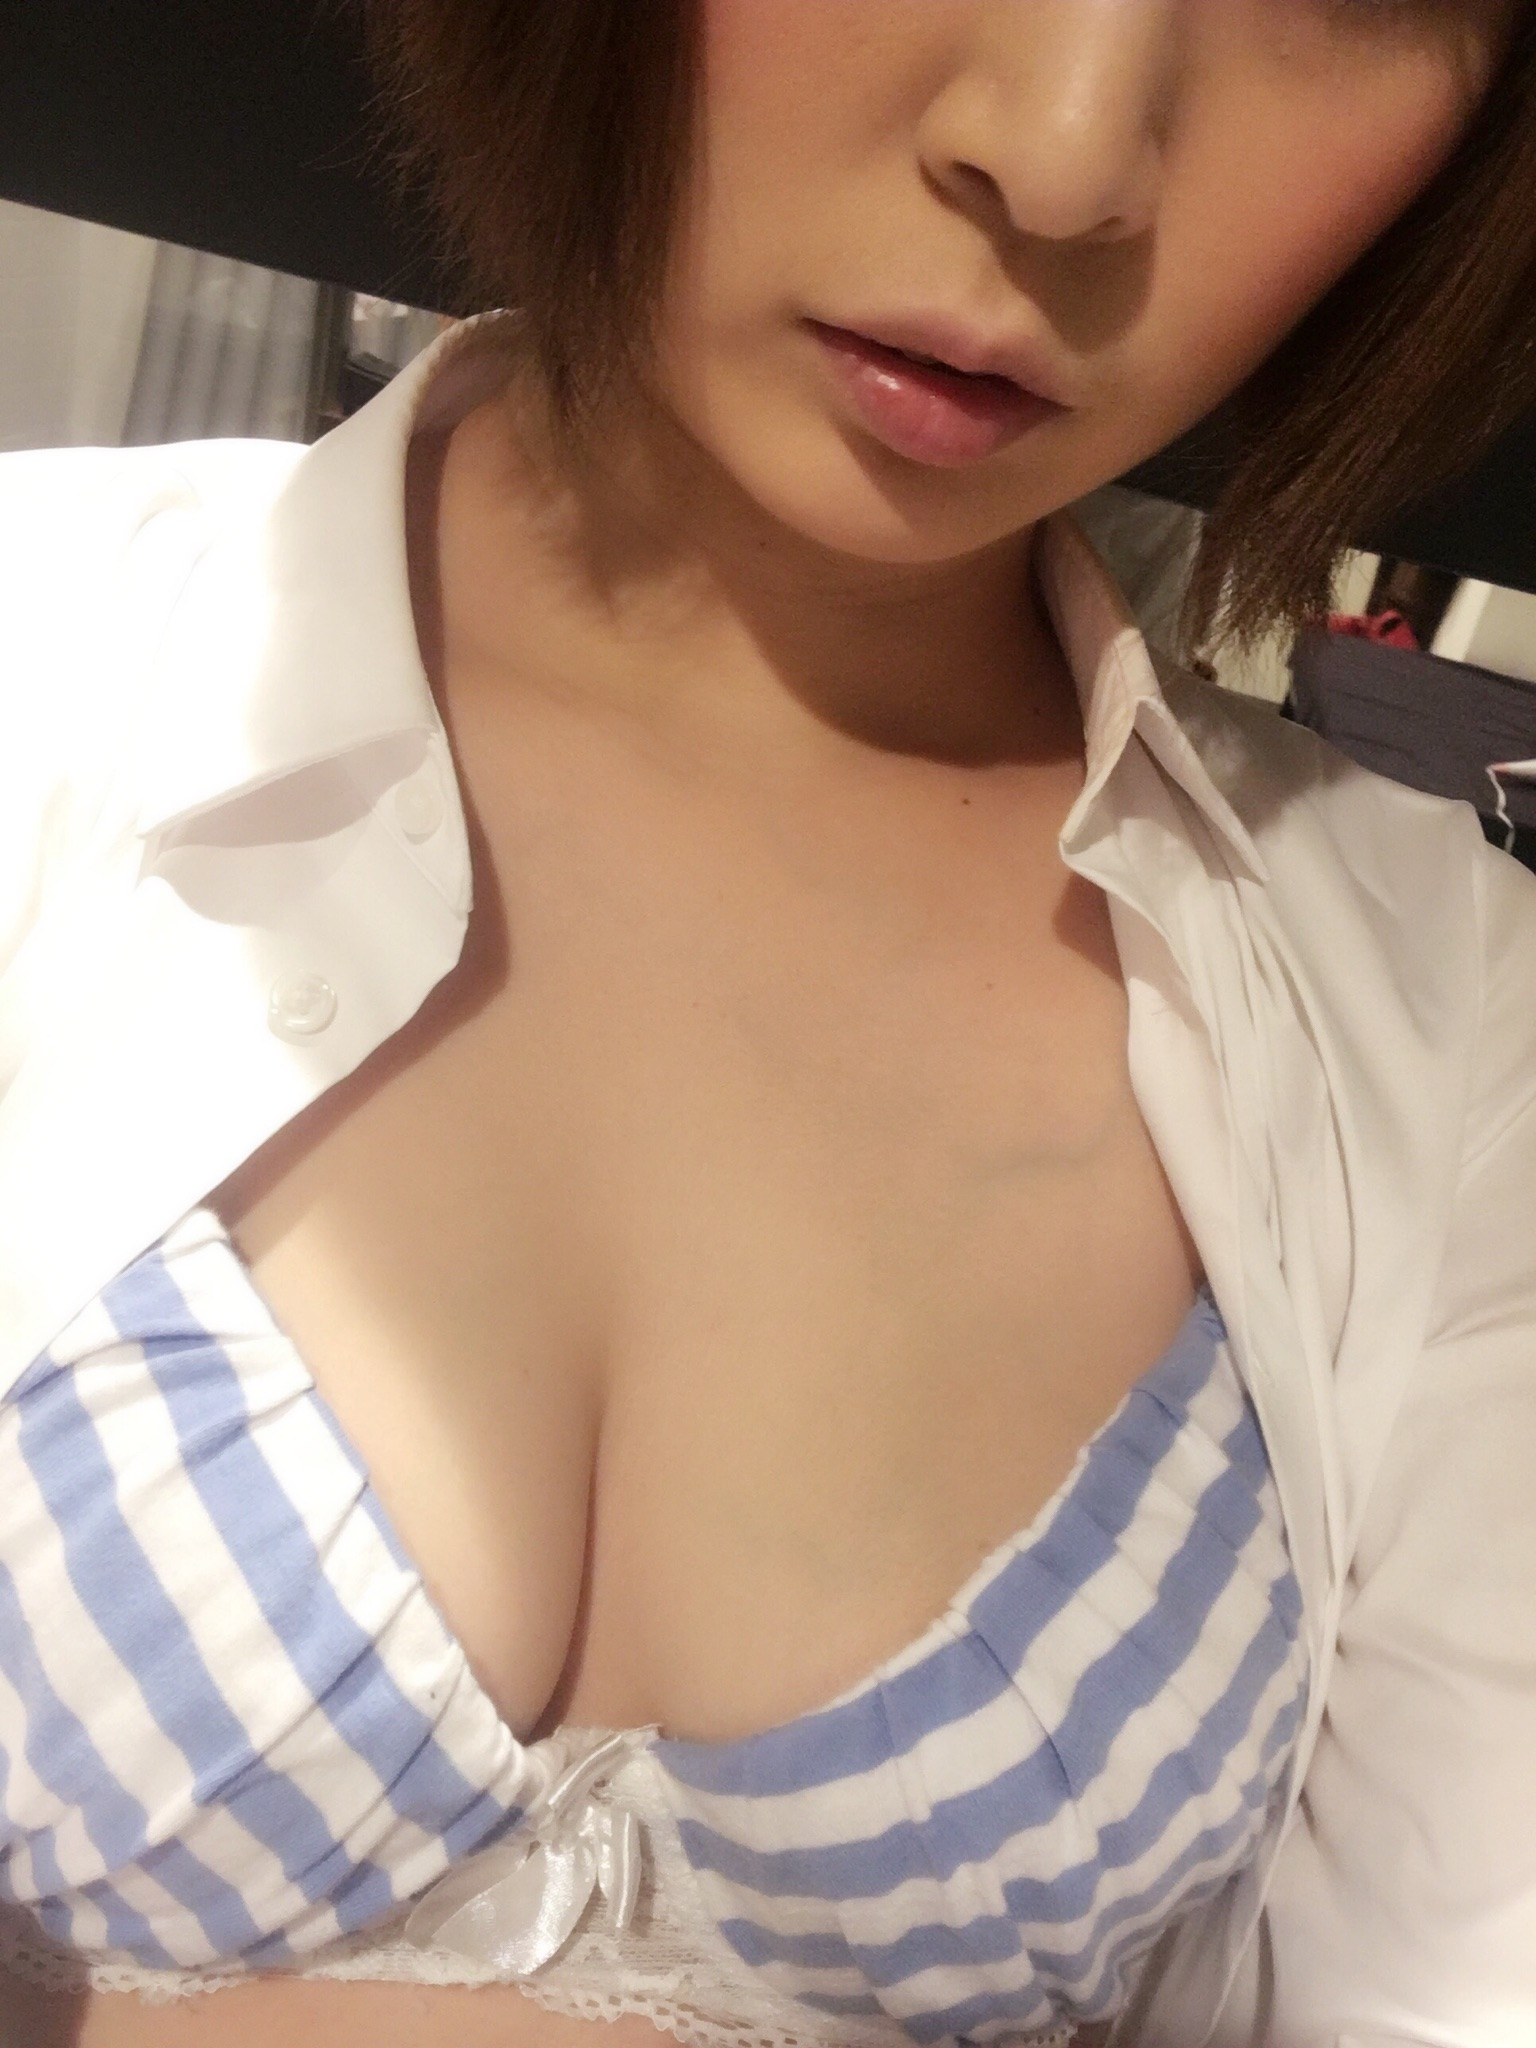 栃木宇都宮ソープランド「OLセレクション宇都宮店・日向 りえ」